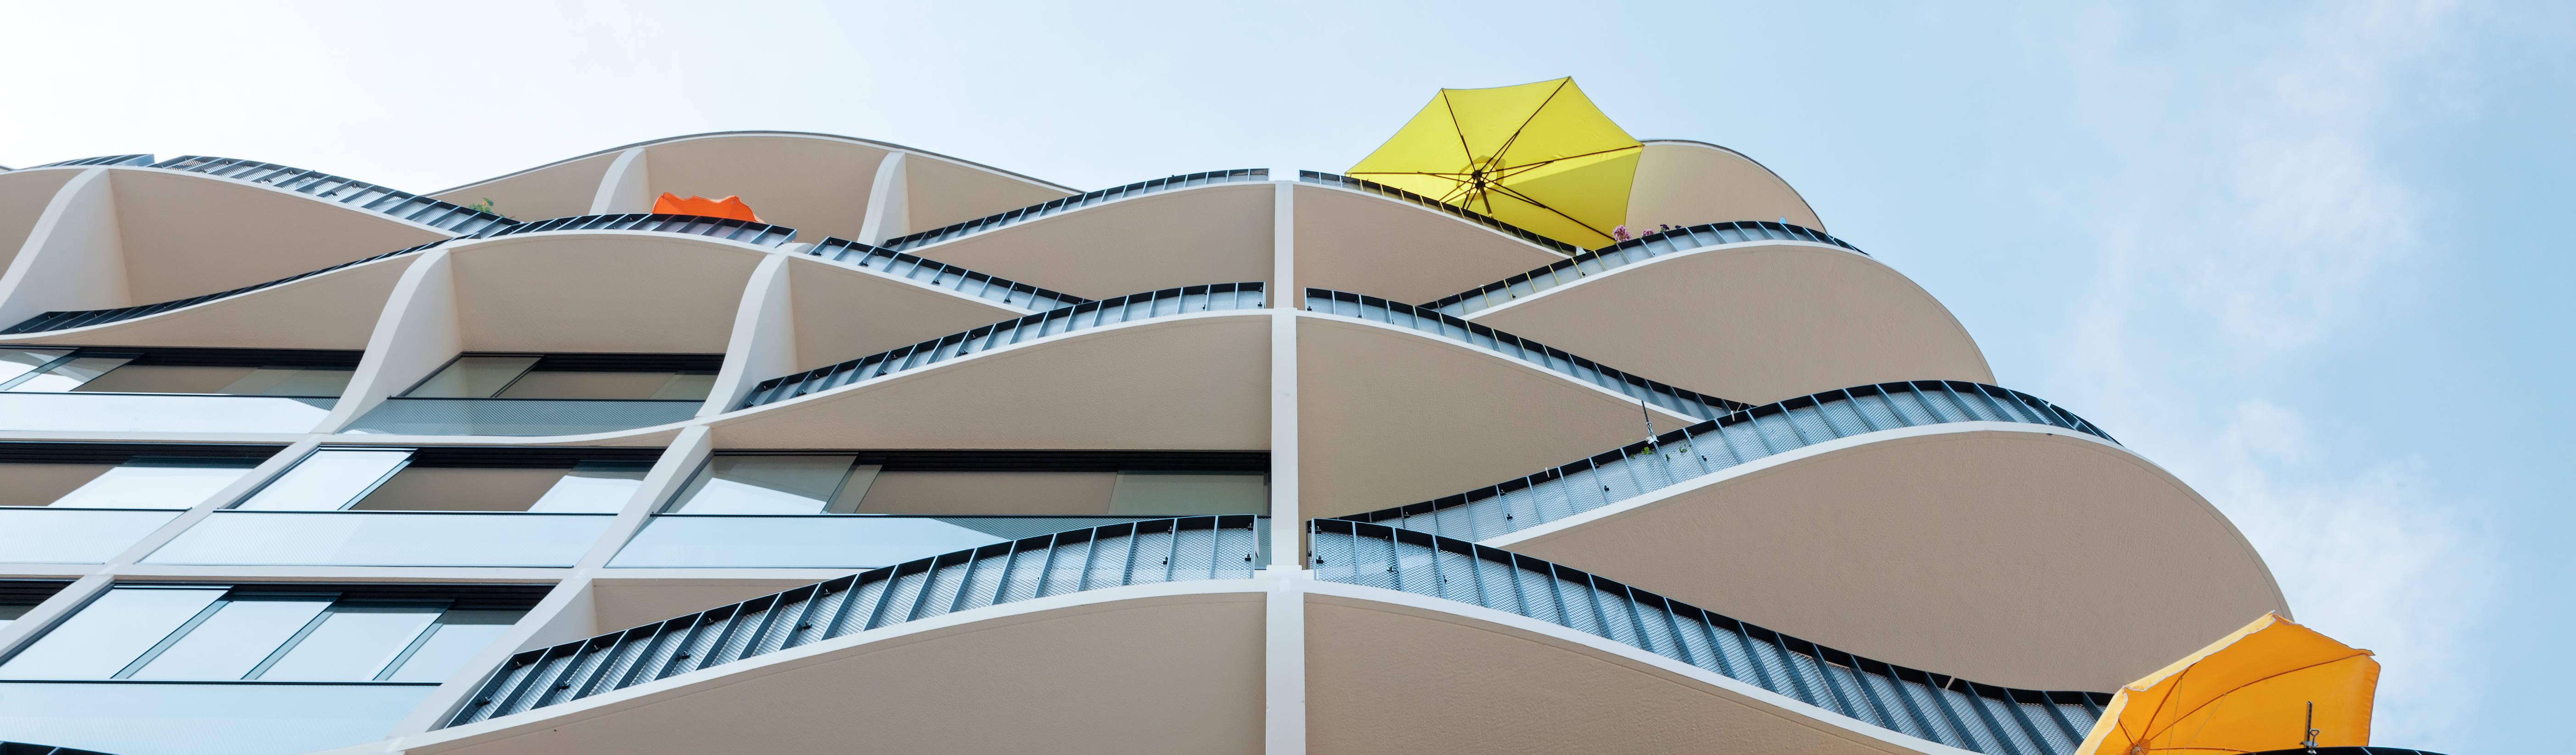 arc architekturconzept GmbH